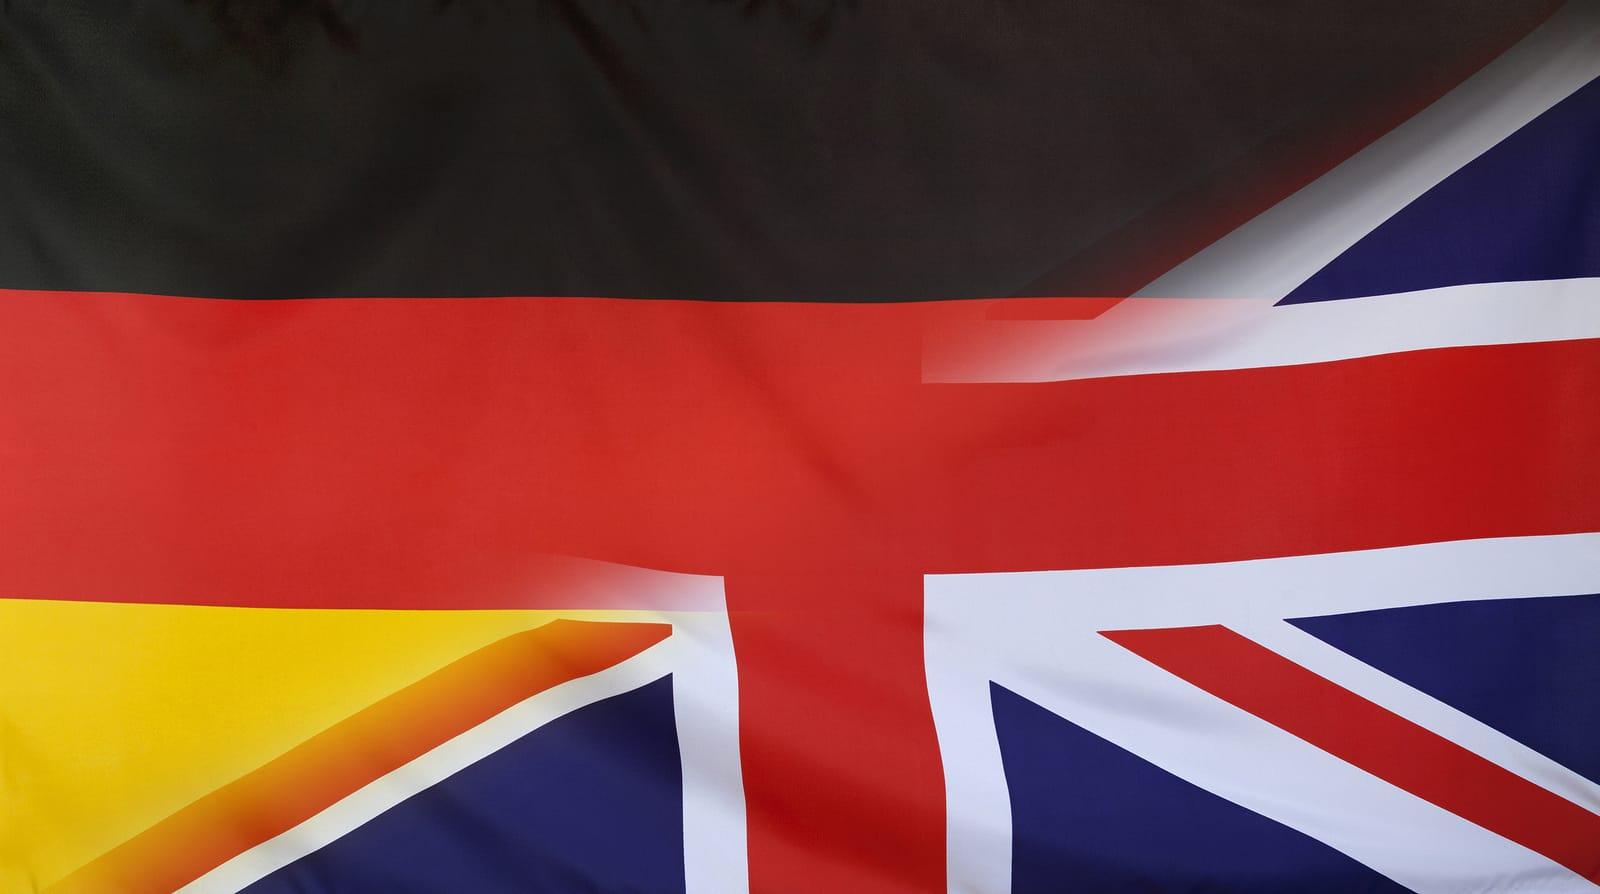 التمويل السياسي للأحزاب السياسية: ألمانيا وبريطانيا نموذجاً